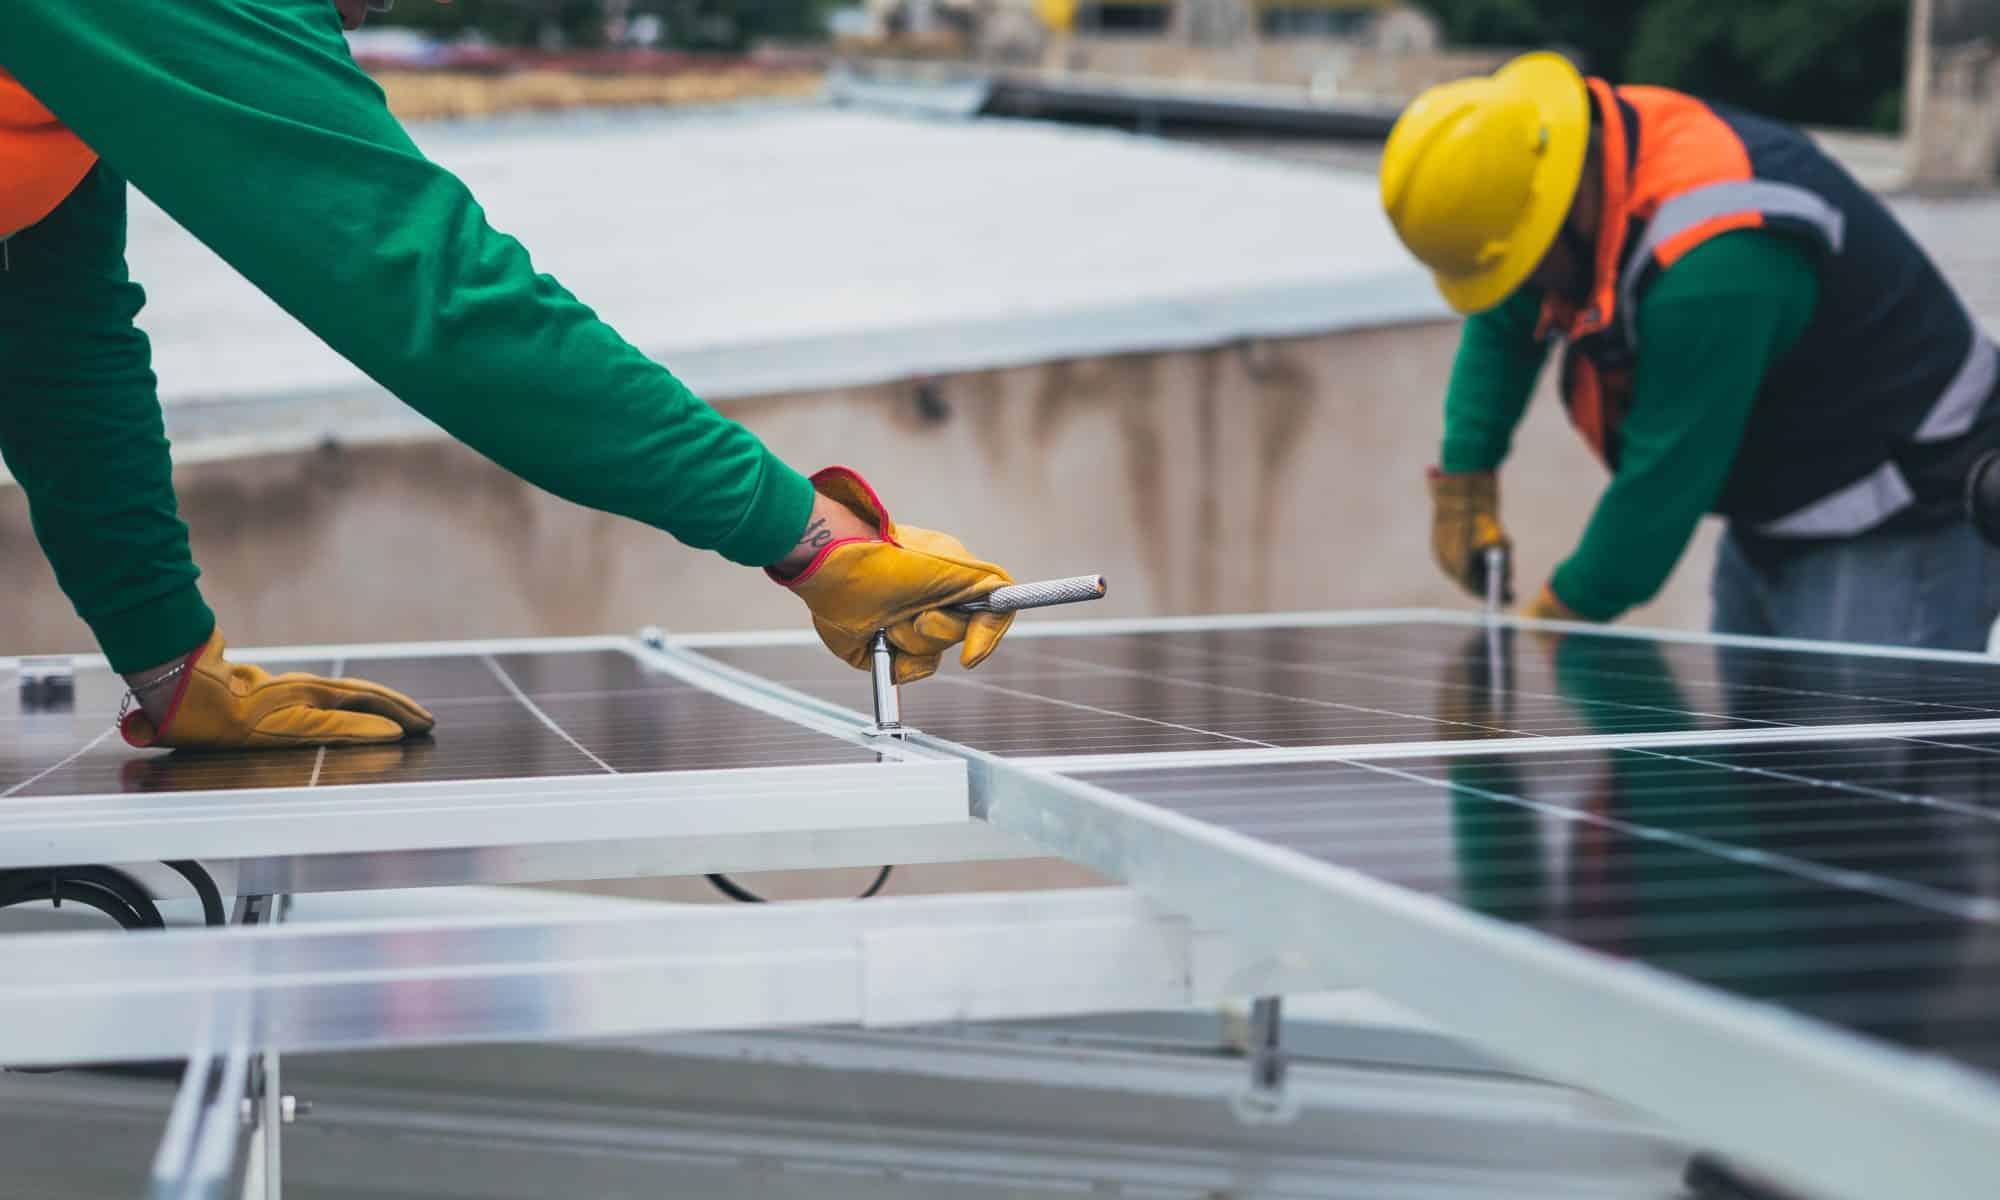 Työntekijät asentavat aurinkopaneeleja